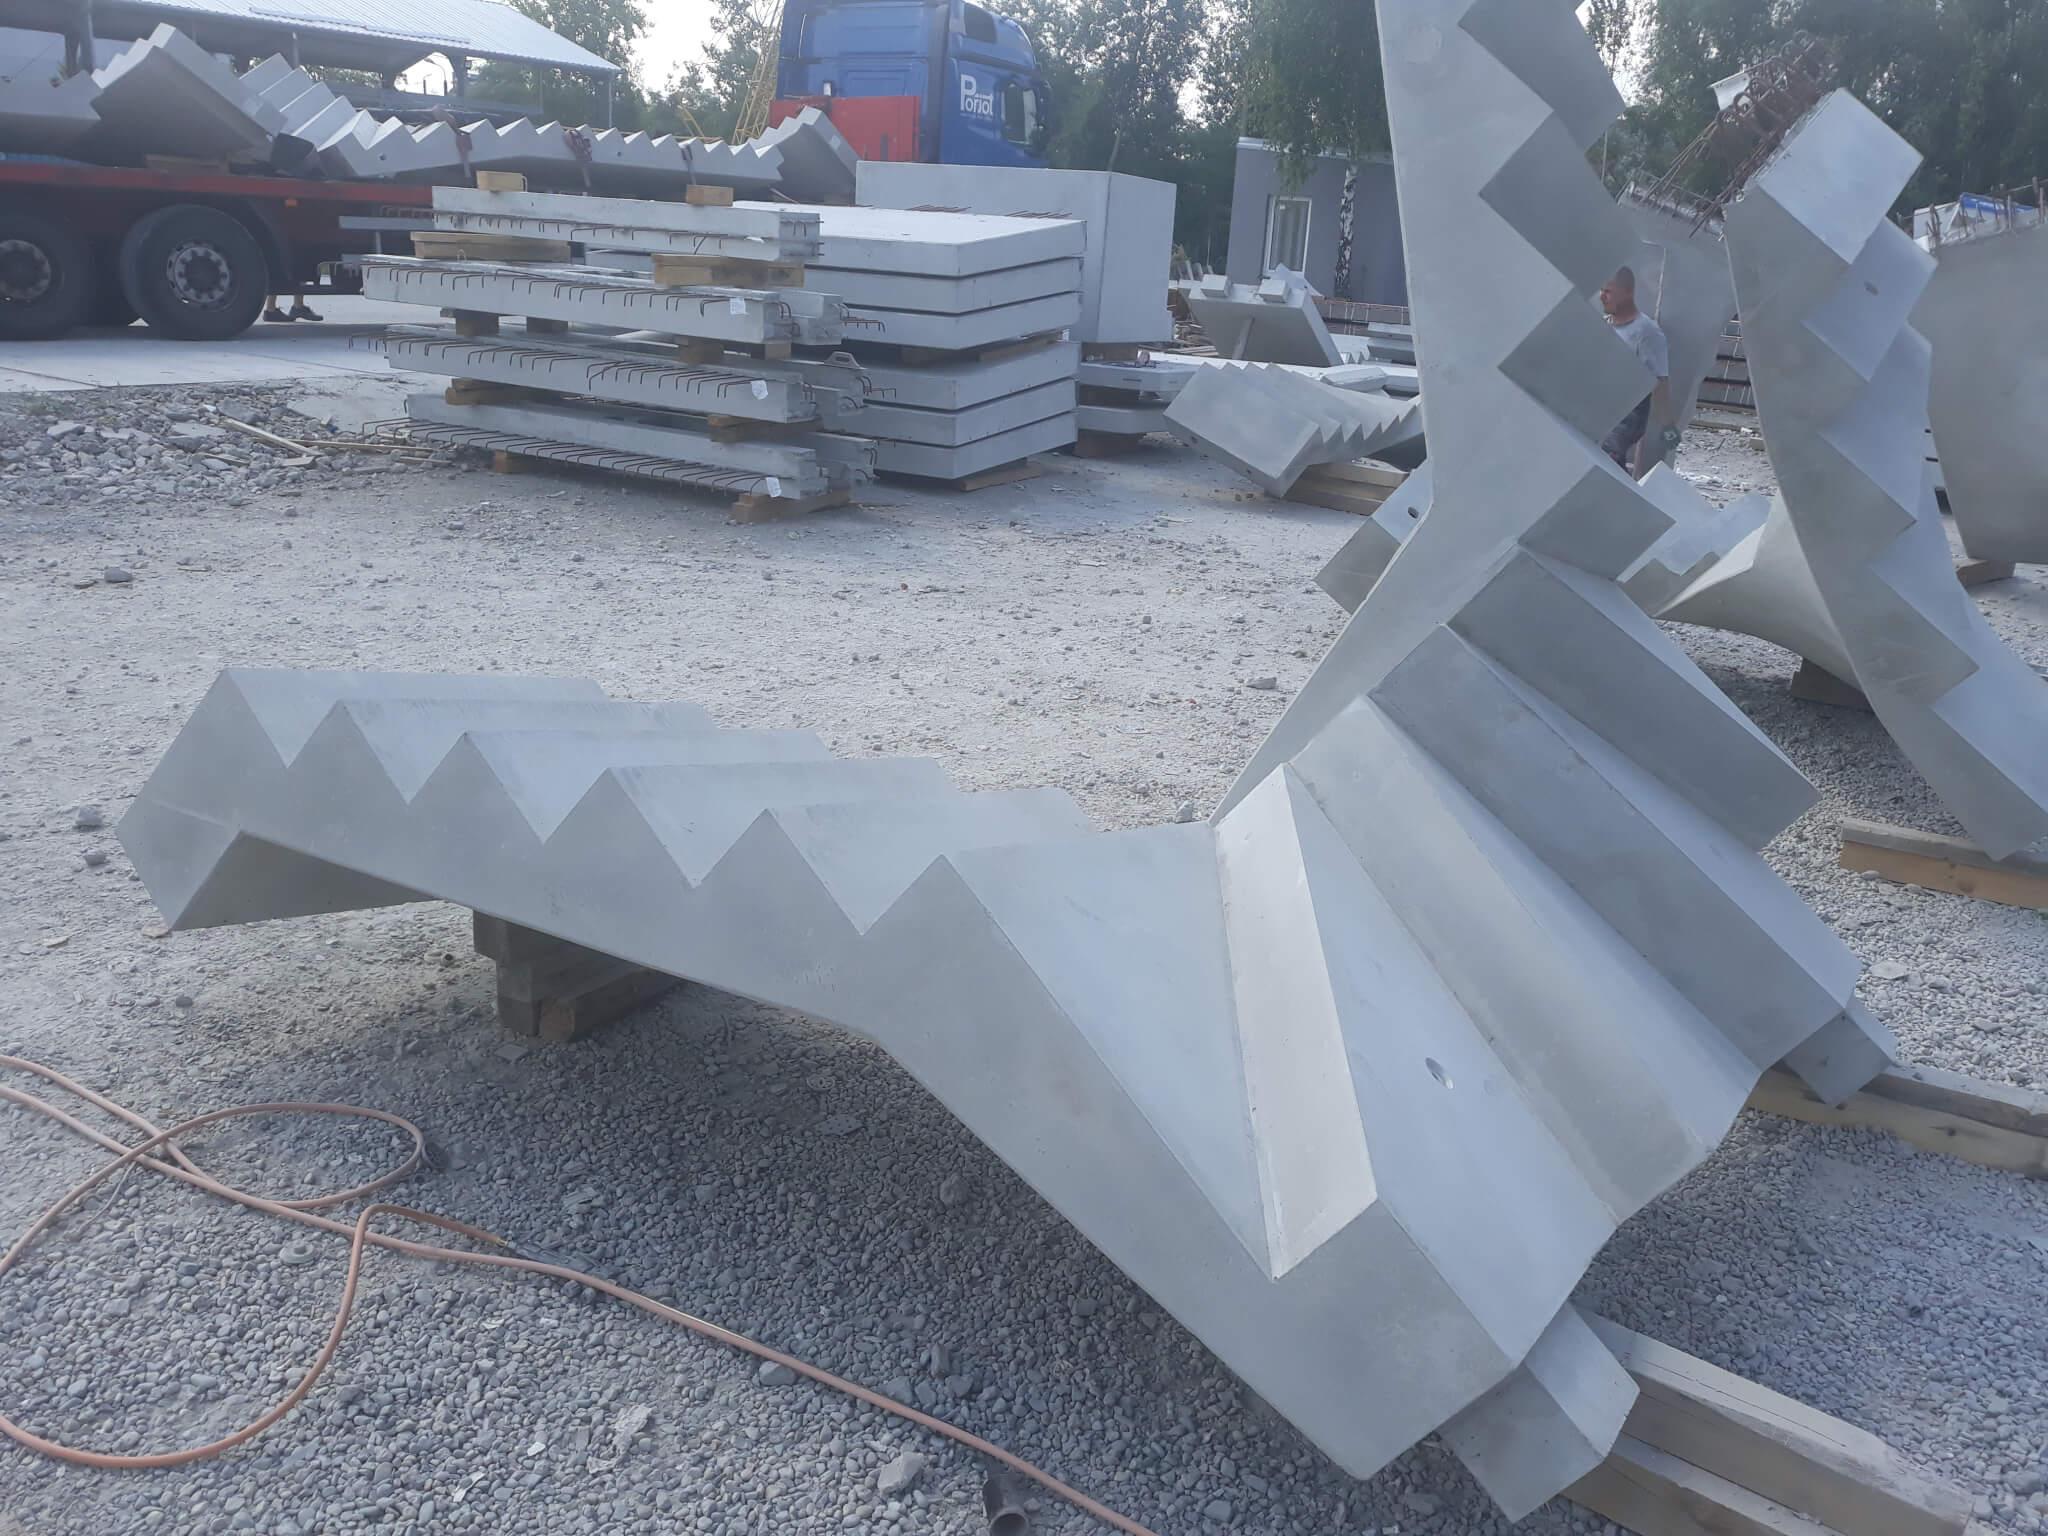 schody prefabrykowane zabiegowe scaled Schody prefabrykowane zabiegowe